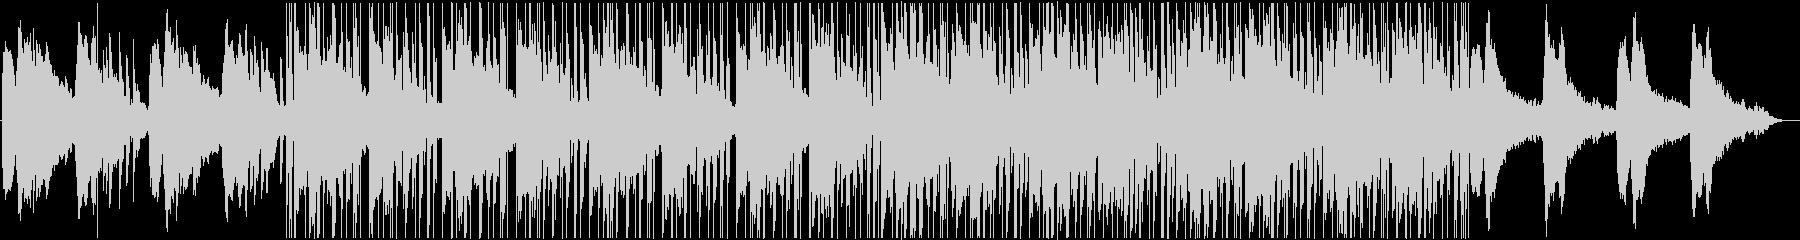 おしゃれなギターのヒップホップ風BGMの未再生の波形